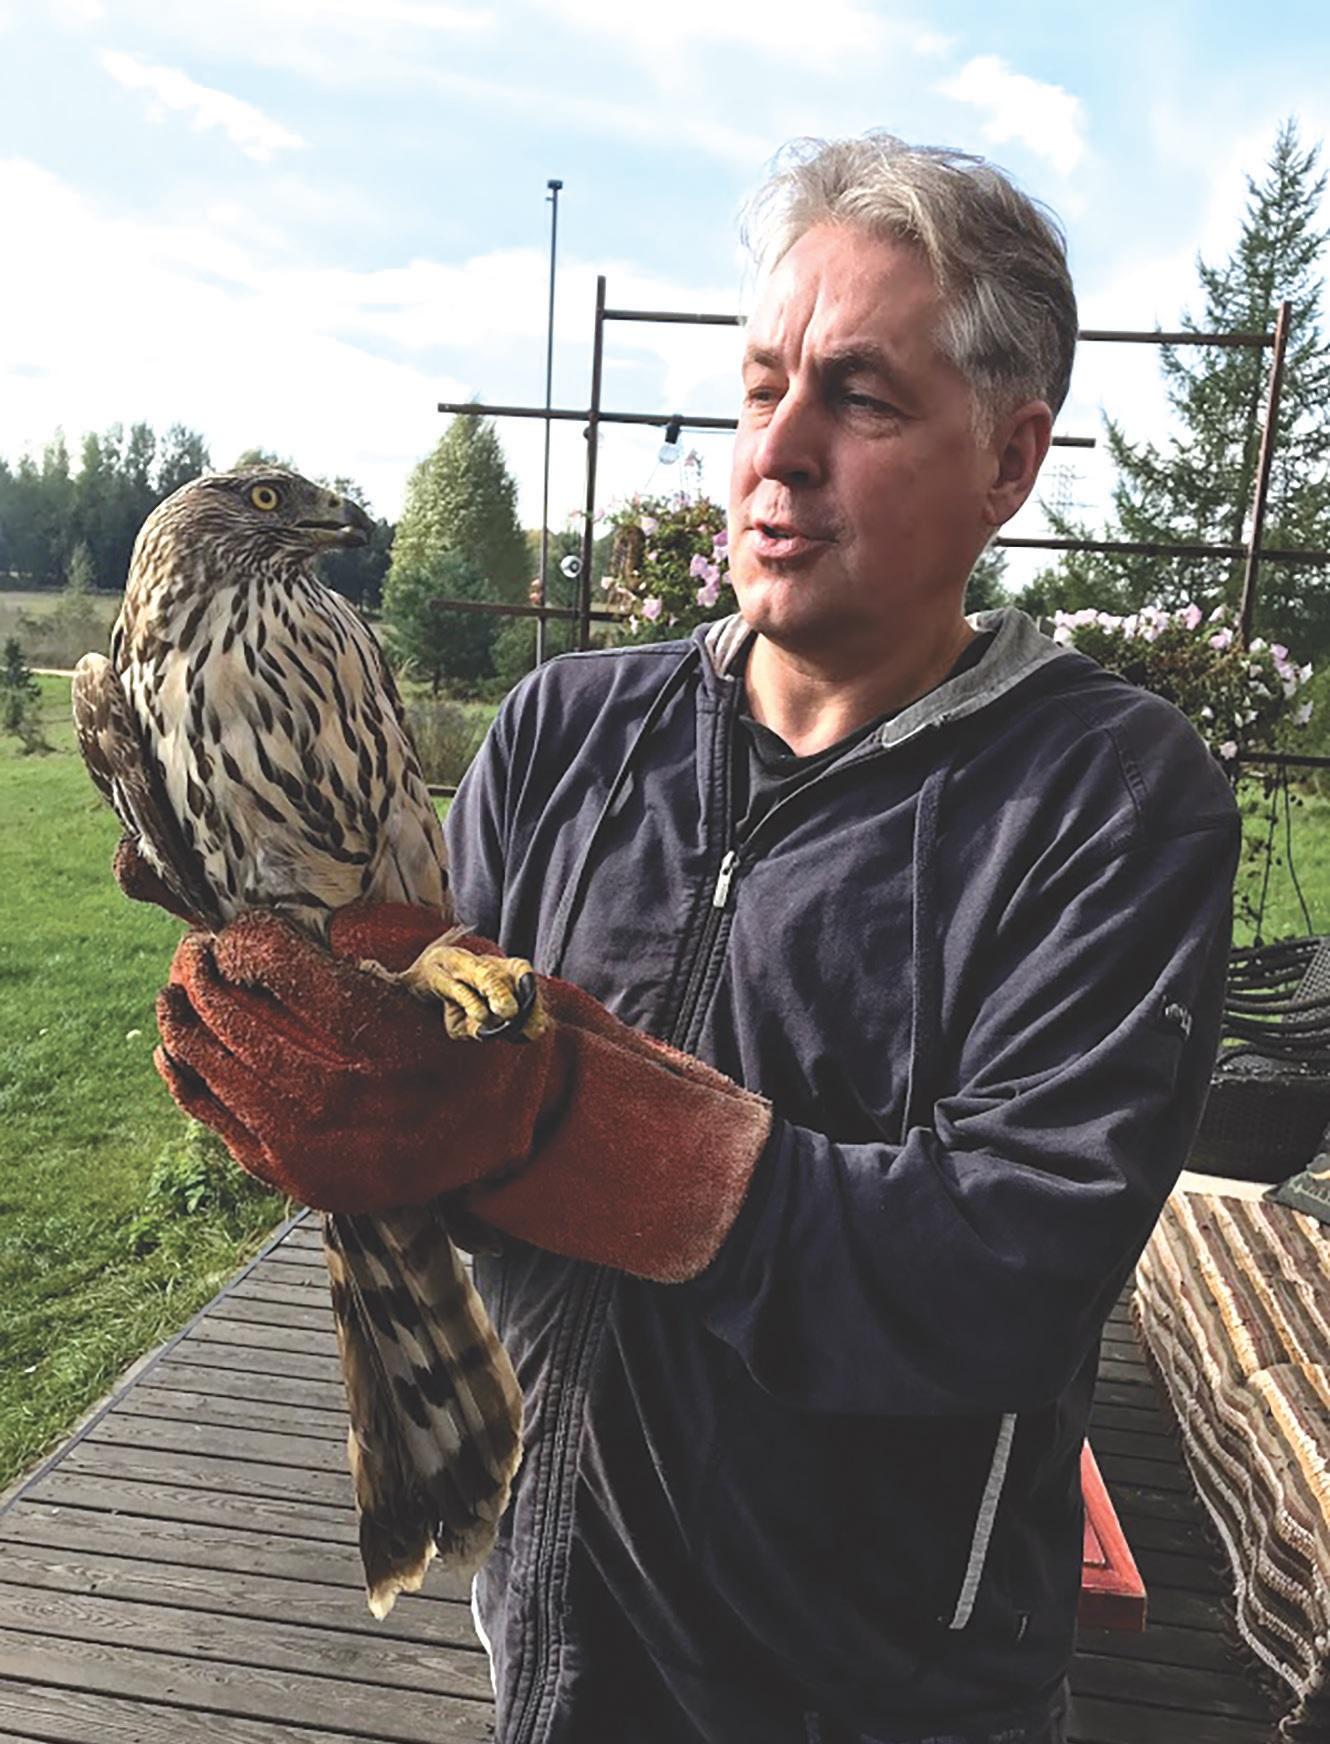 Dr. Tomui Kovėrai apmaudžiausia dėl valdininkų neveiklumo ir gamtos bei aplinkos apsaugos problemų neišmanymo.